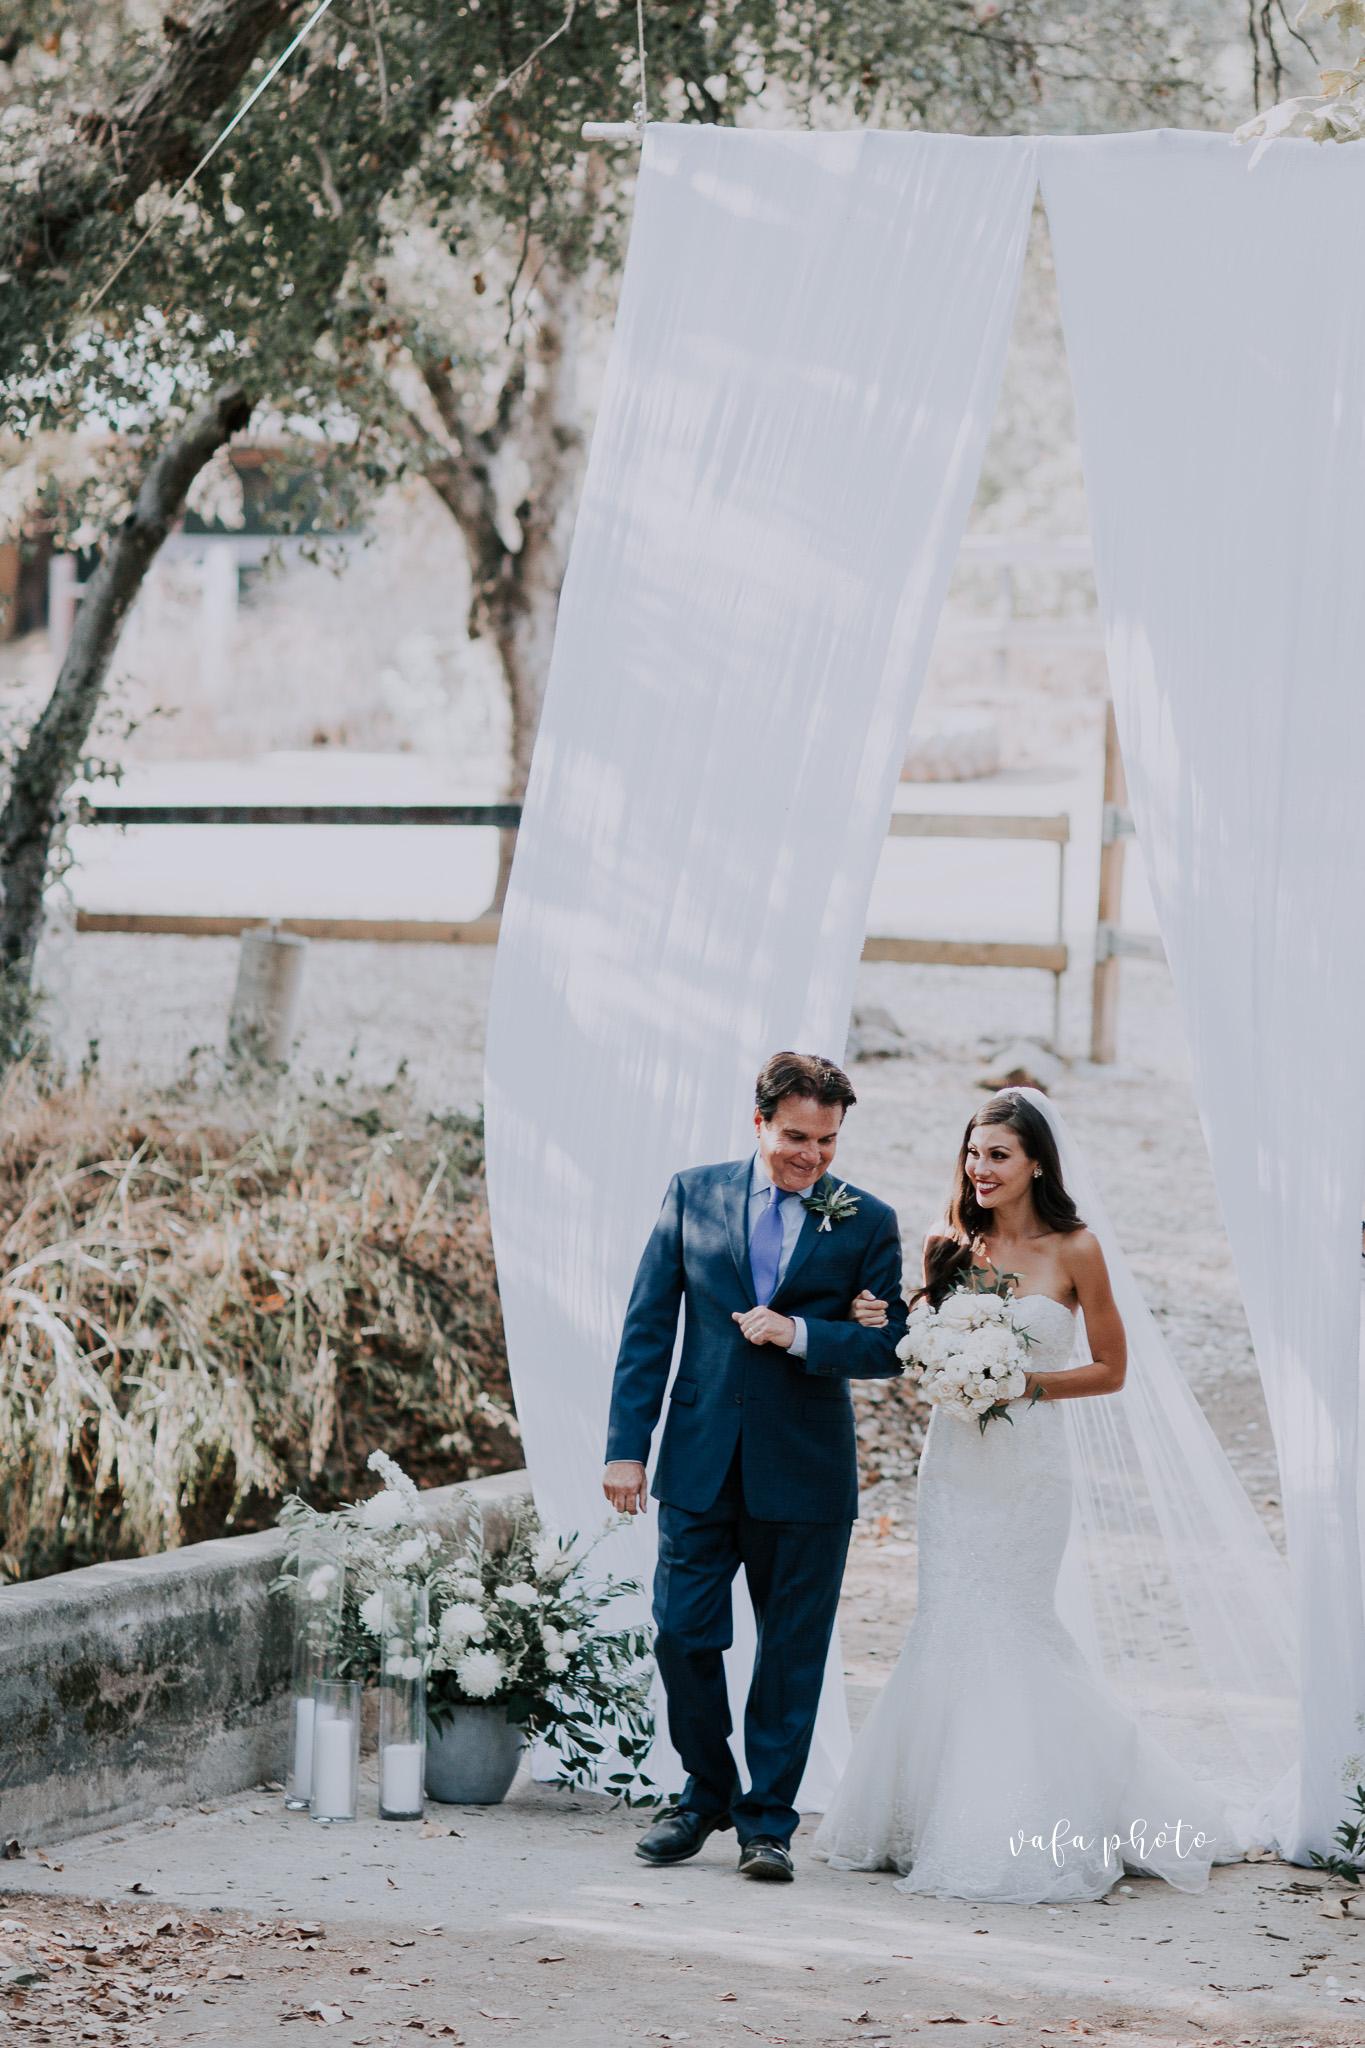 Southern-California-Wedding-Britt-Nilsson-Jeremy-Byrne-Vafa-Photo-396.jpg